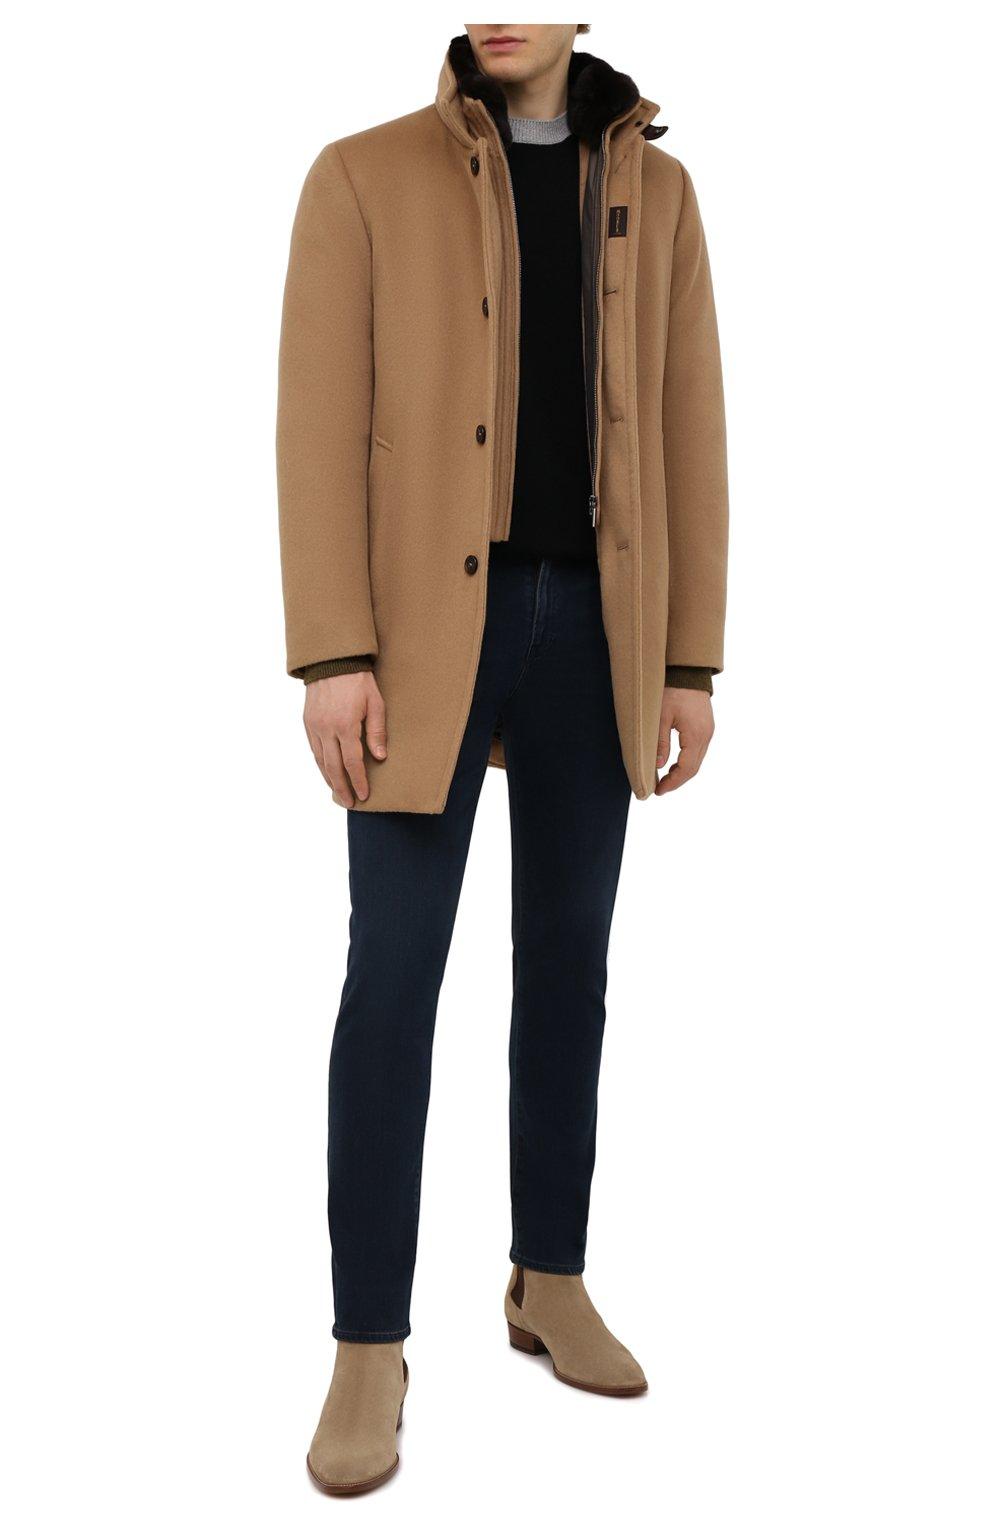 Мужской пальто из шерсти и кашемира bond-fur-le MOORER бежевого цвета, арт. B0ND-FUR-LE/M0UG2100131-TEPA209   Фото 2 (Материал внешний: Шерсть; Рукава: Длинные; Длина (верхняя одежда): До середины бедра; Материал подклада: Синтетический материал; Мужское Кросс-КТ: пальто-верхняя одежда; Материал утеплителя: Пух и перо; Стили: Кэжуэл)